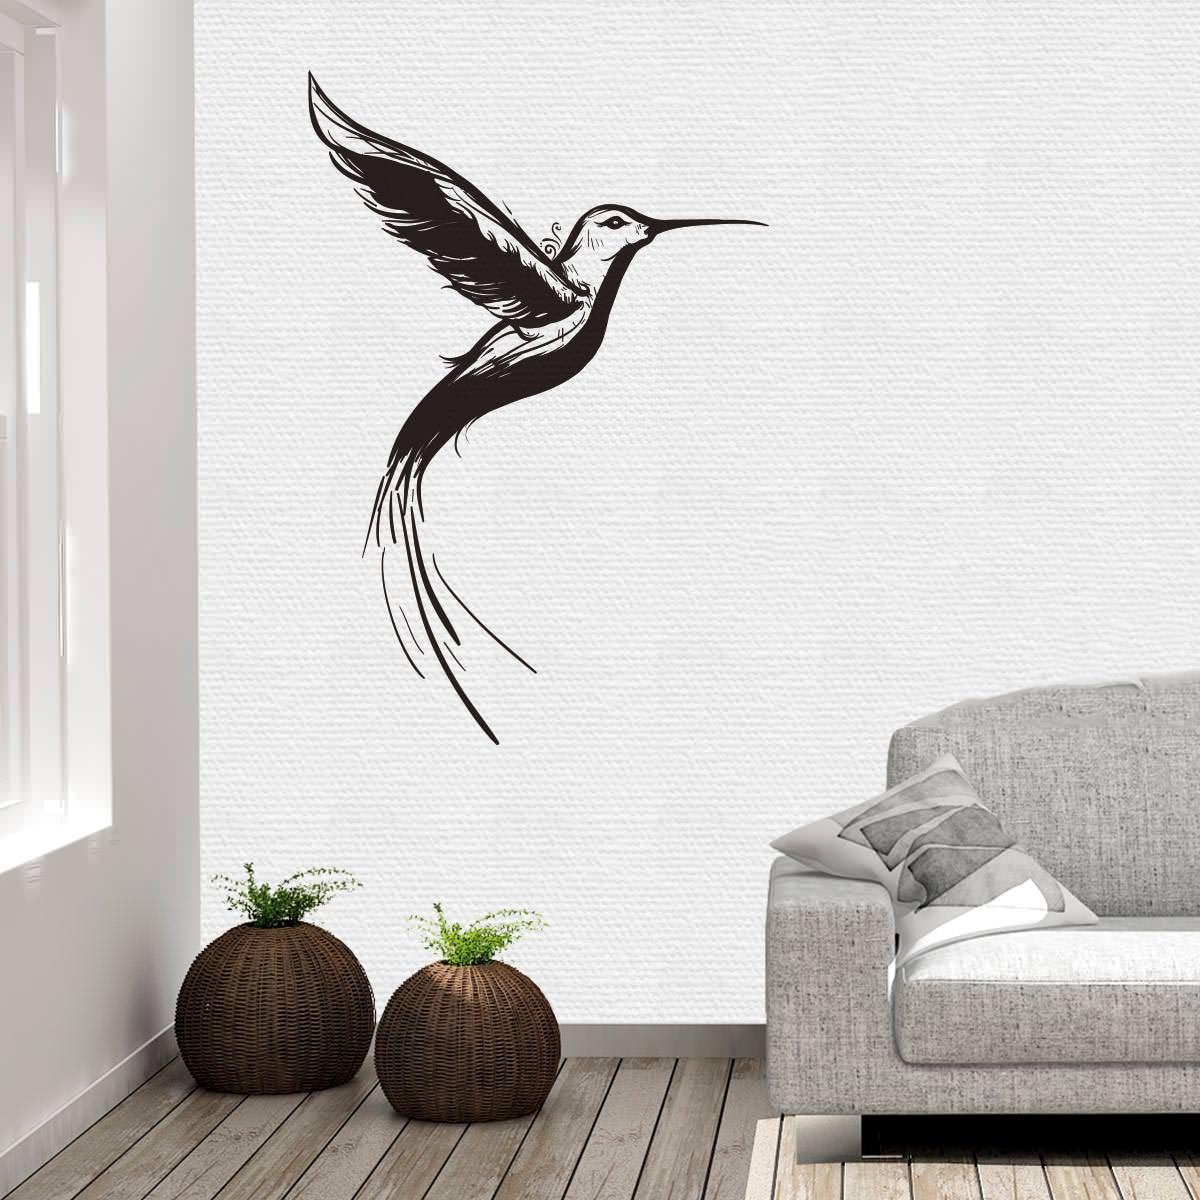 Wandtattoo kolibri vogel bird wandaufkleber wandfolie wanddekoration wandmotiv - Vogel wandtattoo ...